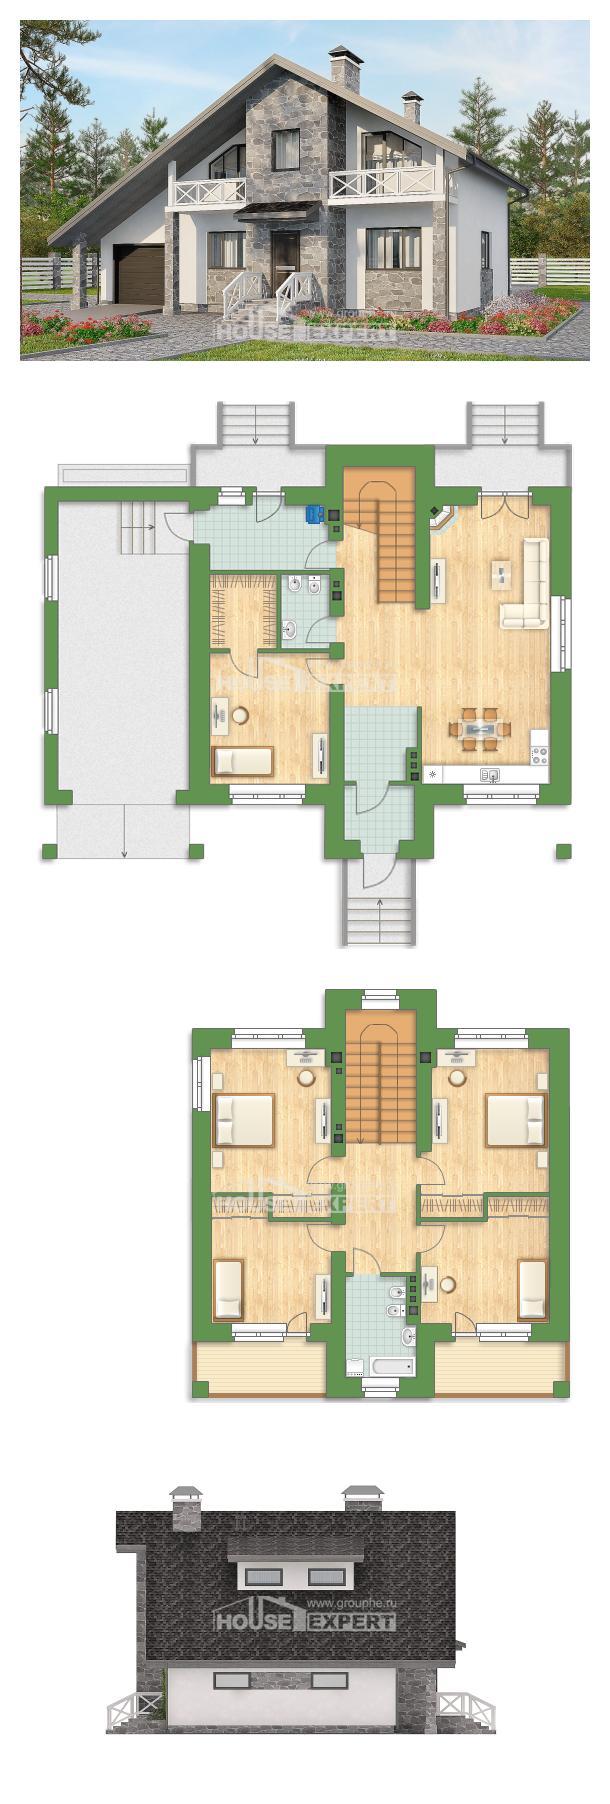 خطة البيت 180-017-L | House Expert